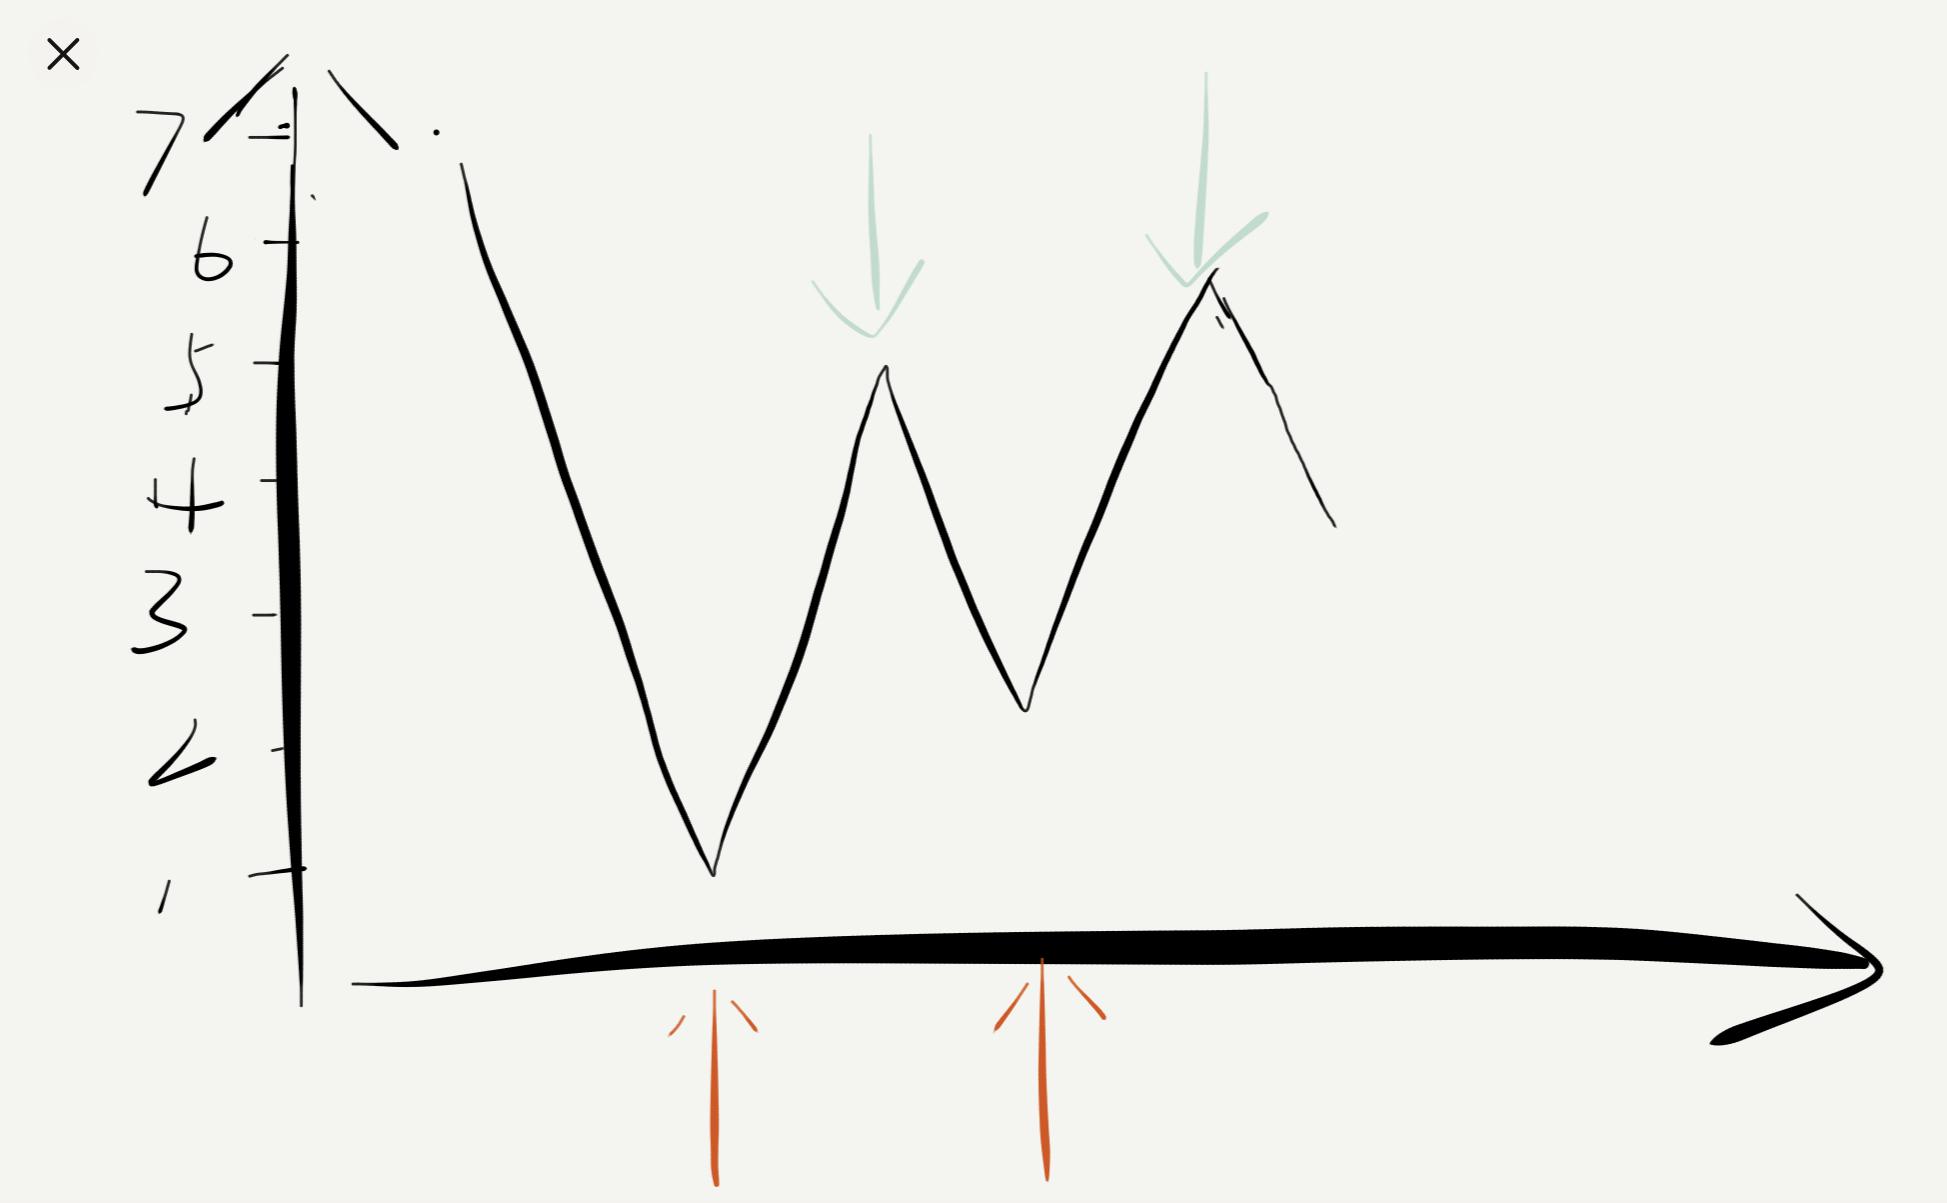 力扣-买卖股票的最佳时机 II